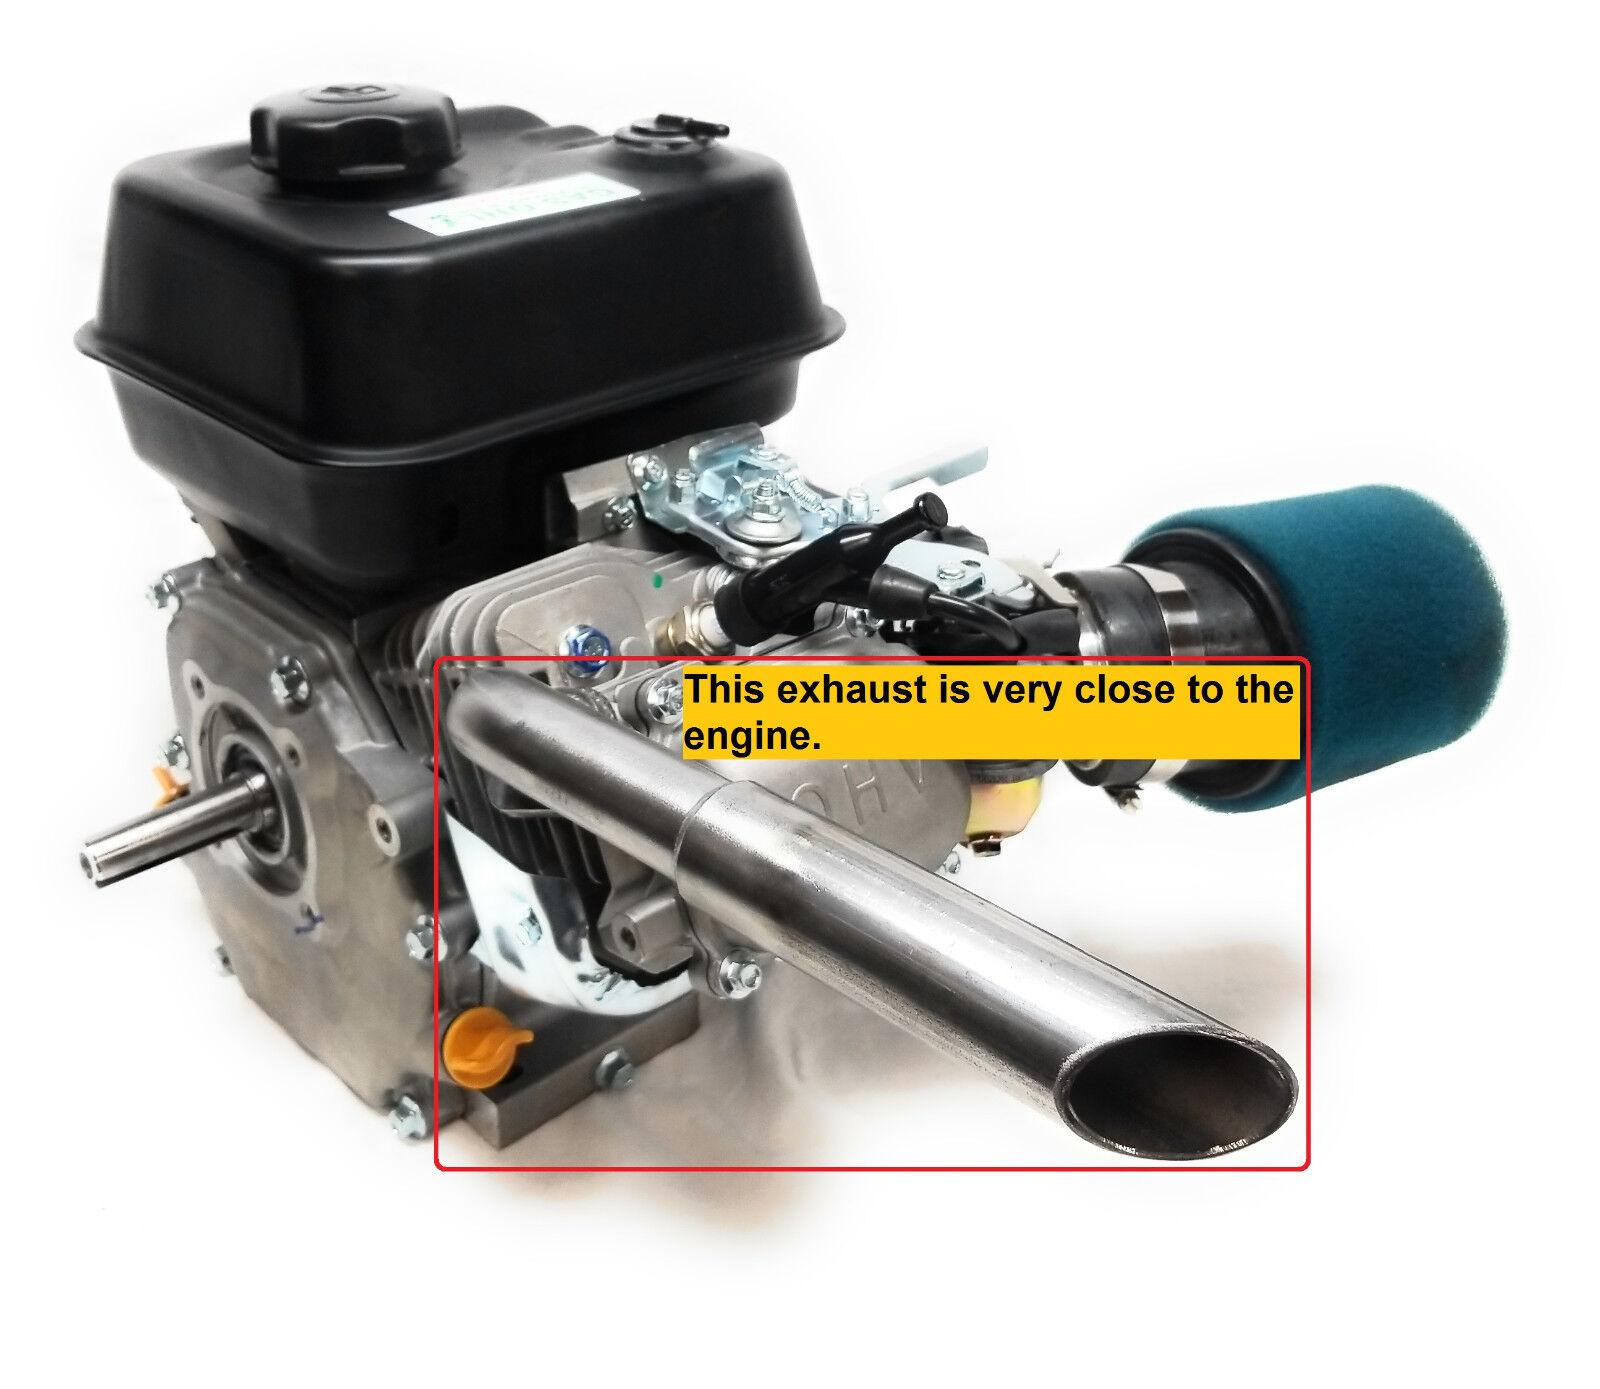 Low Profile Exhaust, Predator 212cc, Honda GX160, GX200. Go